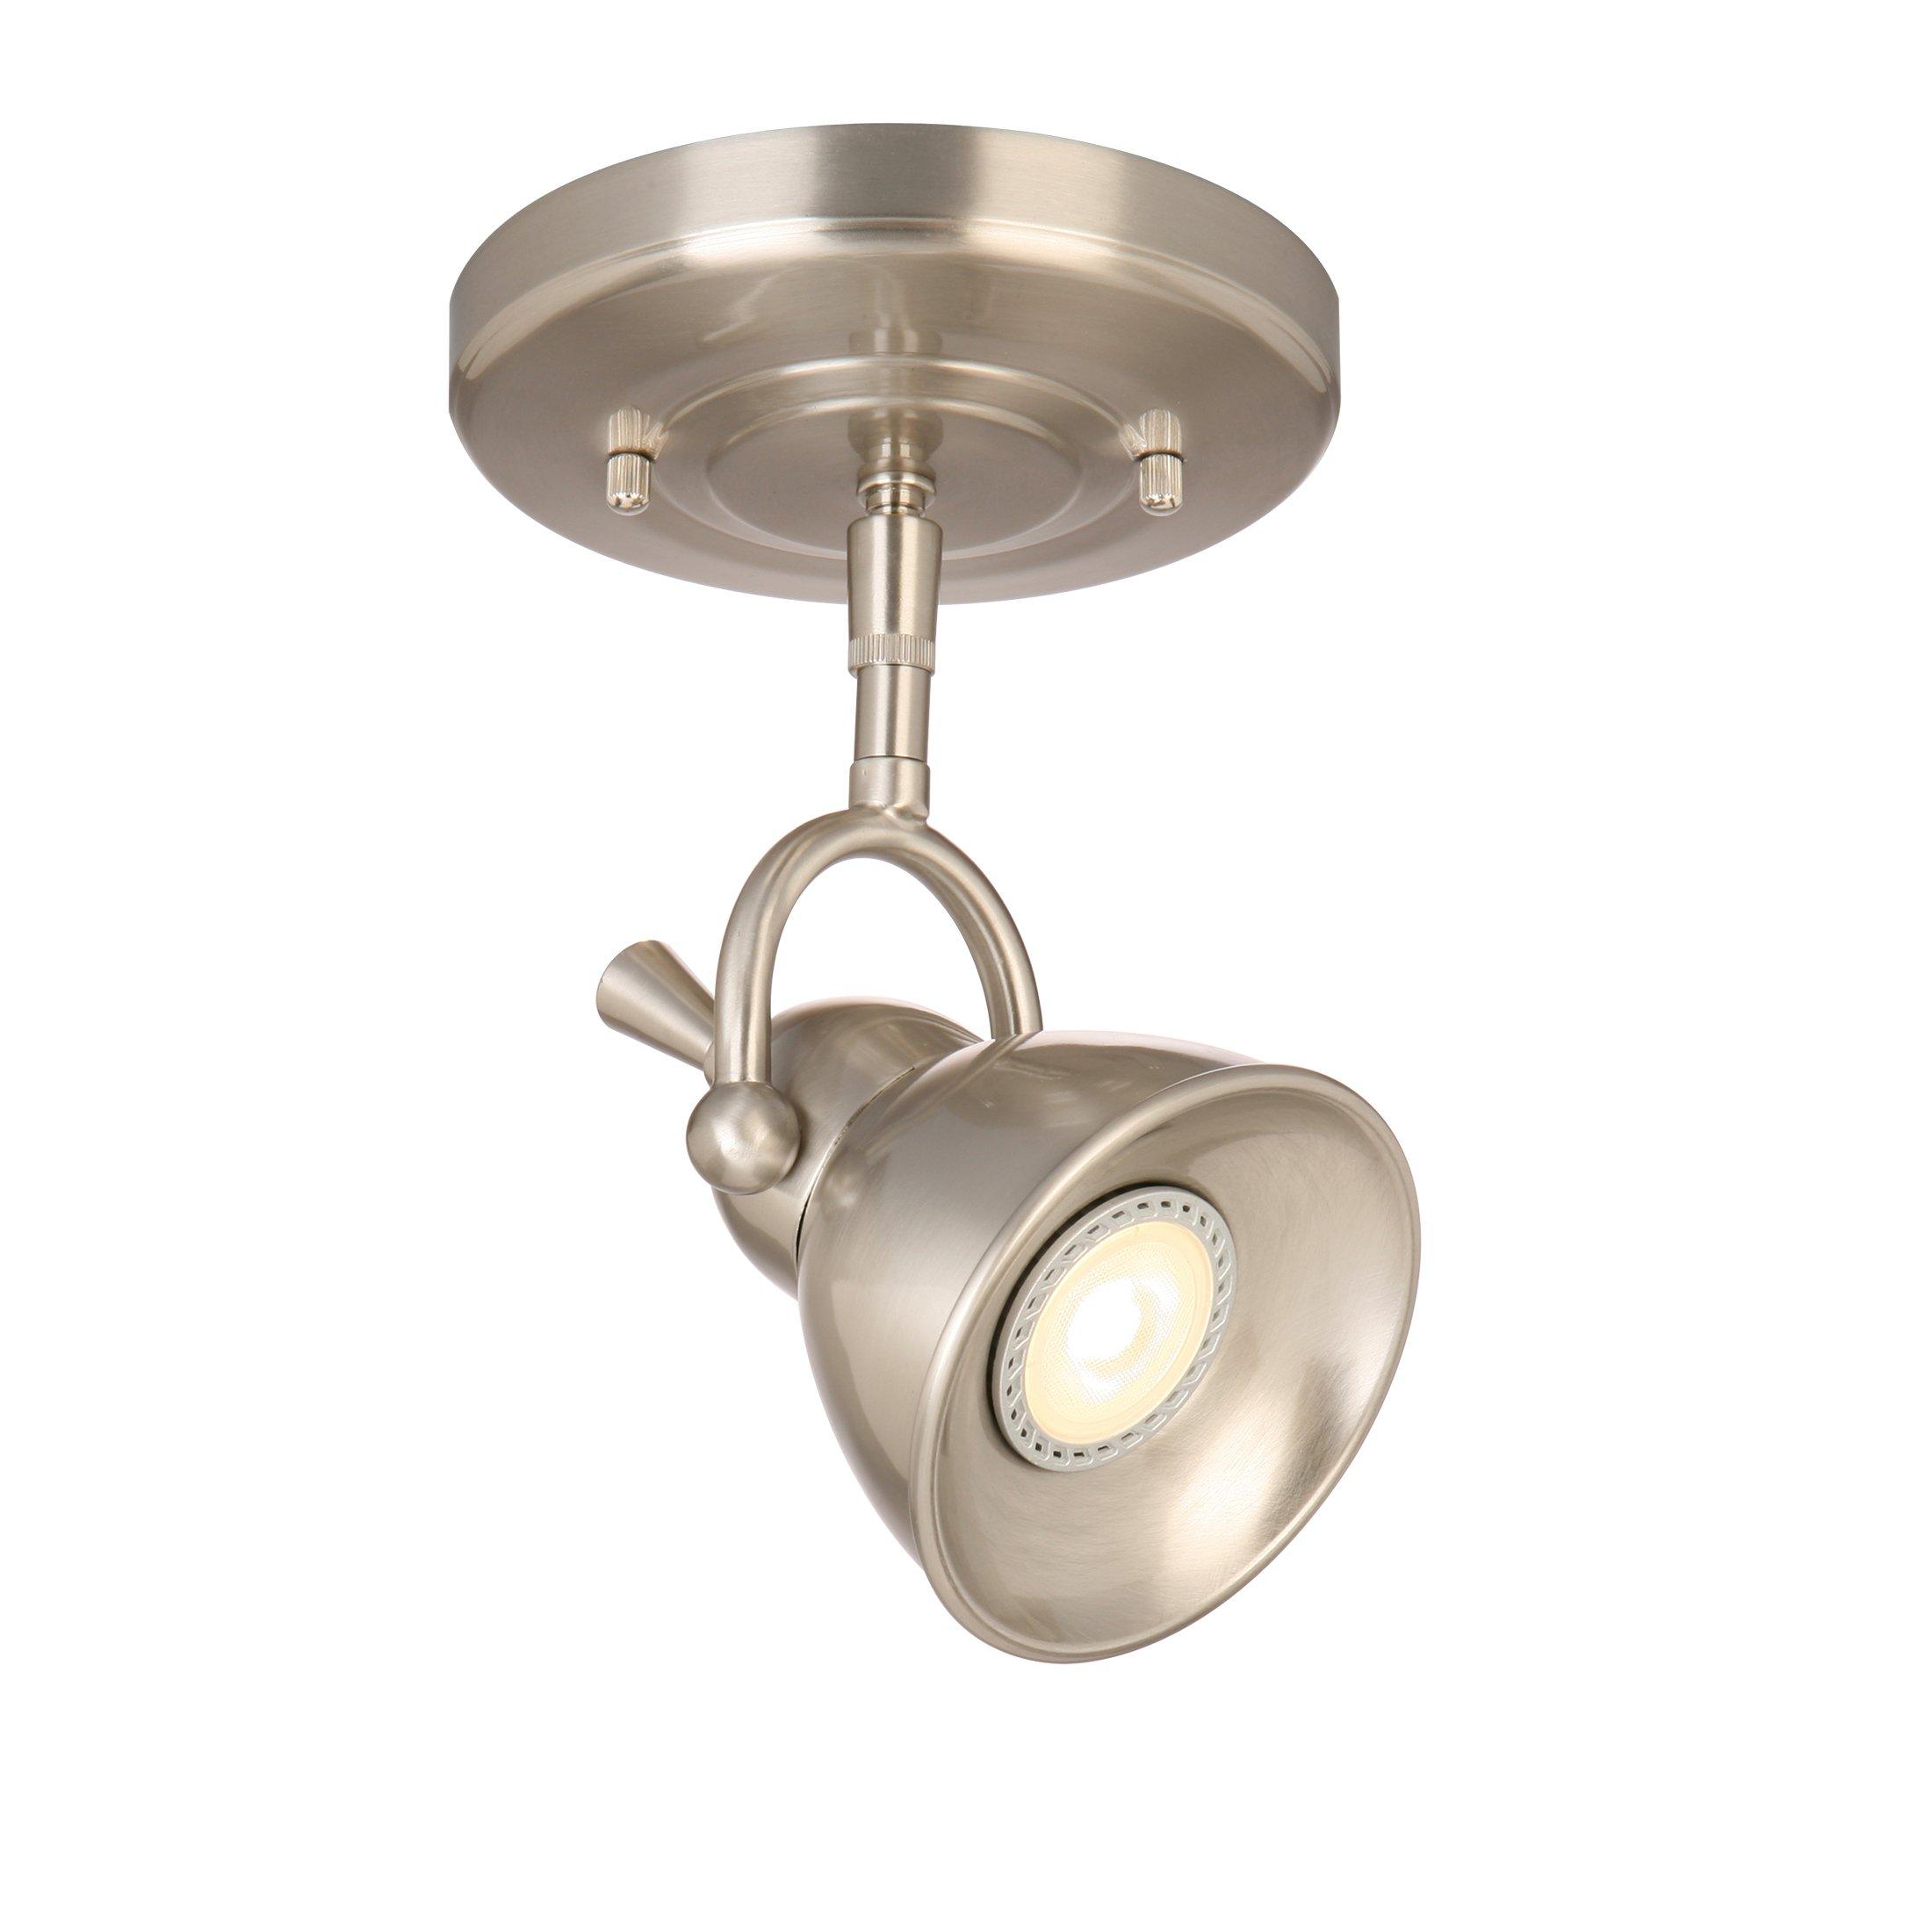 Design House 578021 Pierce single-Light Led Directional Ceiling Light, Satin Chrome,